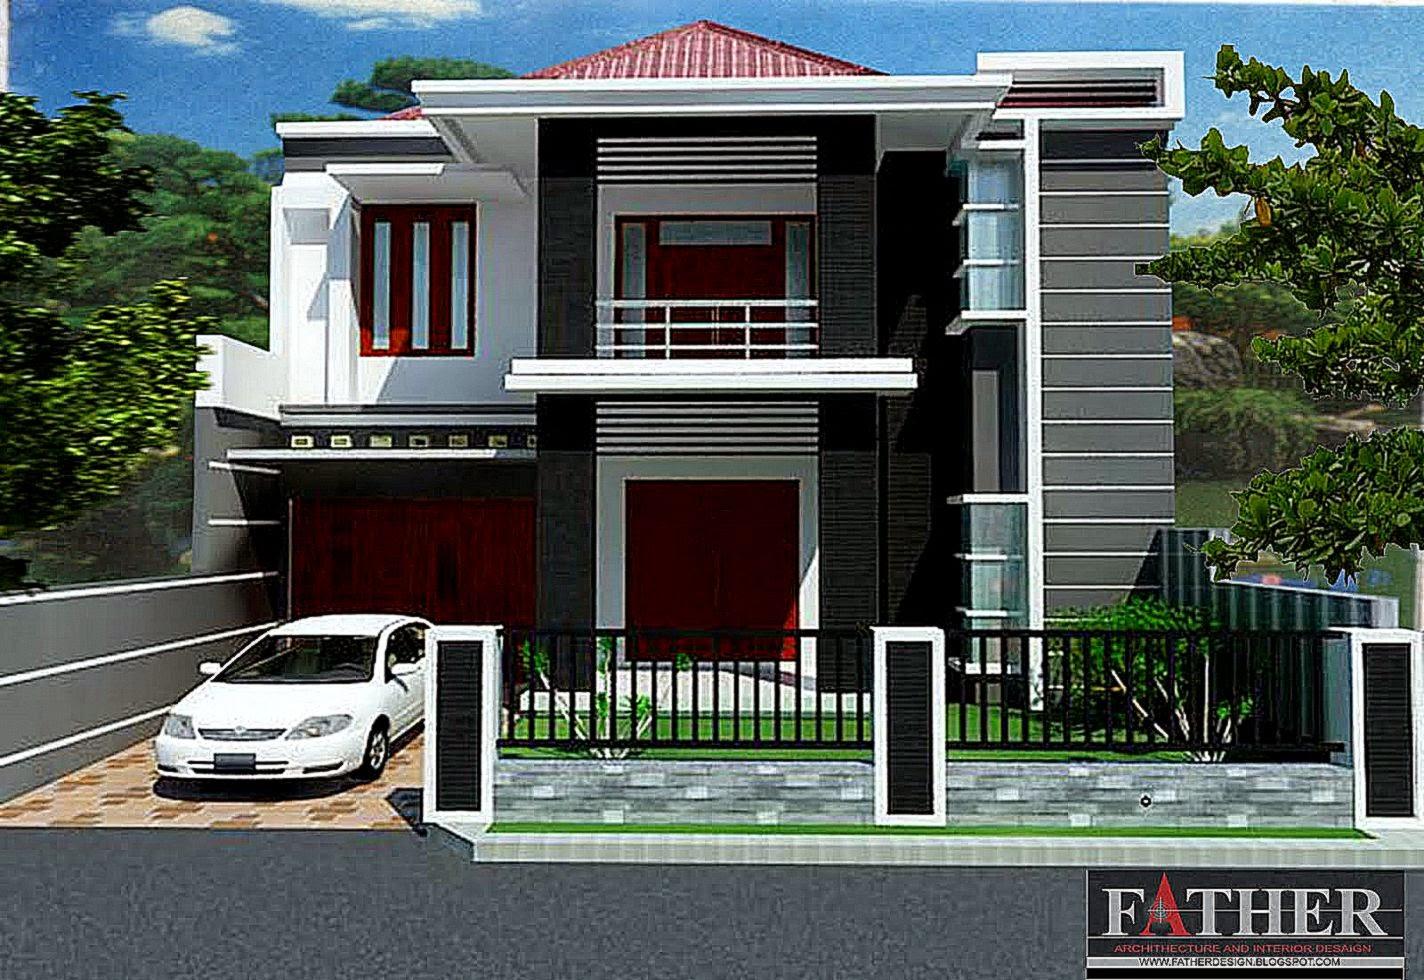 Unik Contoh Gambar Terbaik Tentang Desain Rumah Minimalis Type 36 108 Shreenad Home